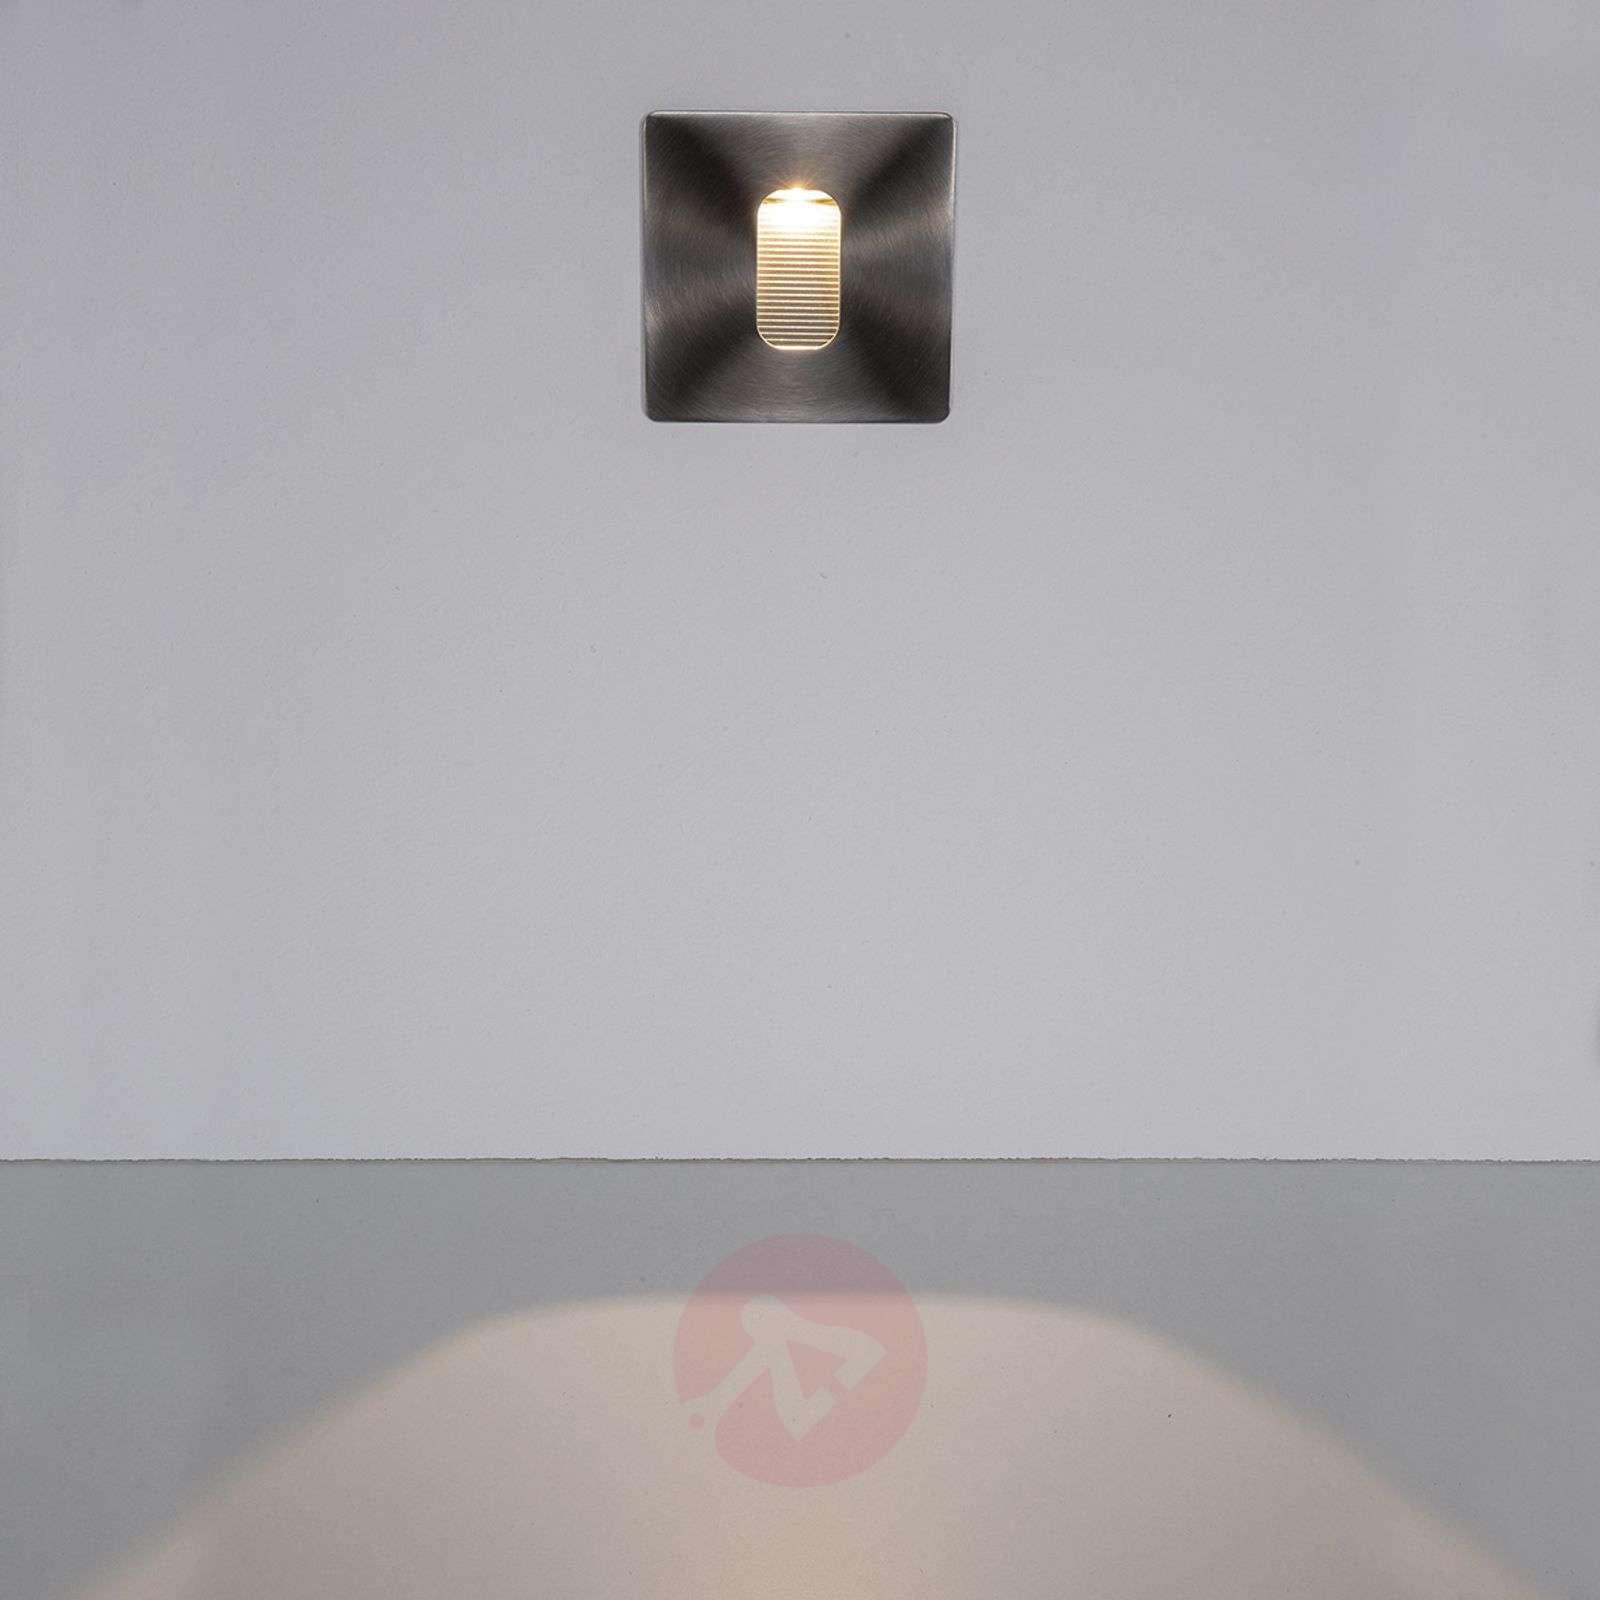 Rectangular installed led wall light telke ip65 lights rectangular installed led wall light telke ip65 9616056 01 aloadofball Gallery